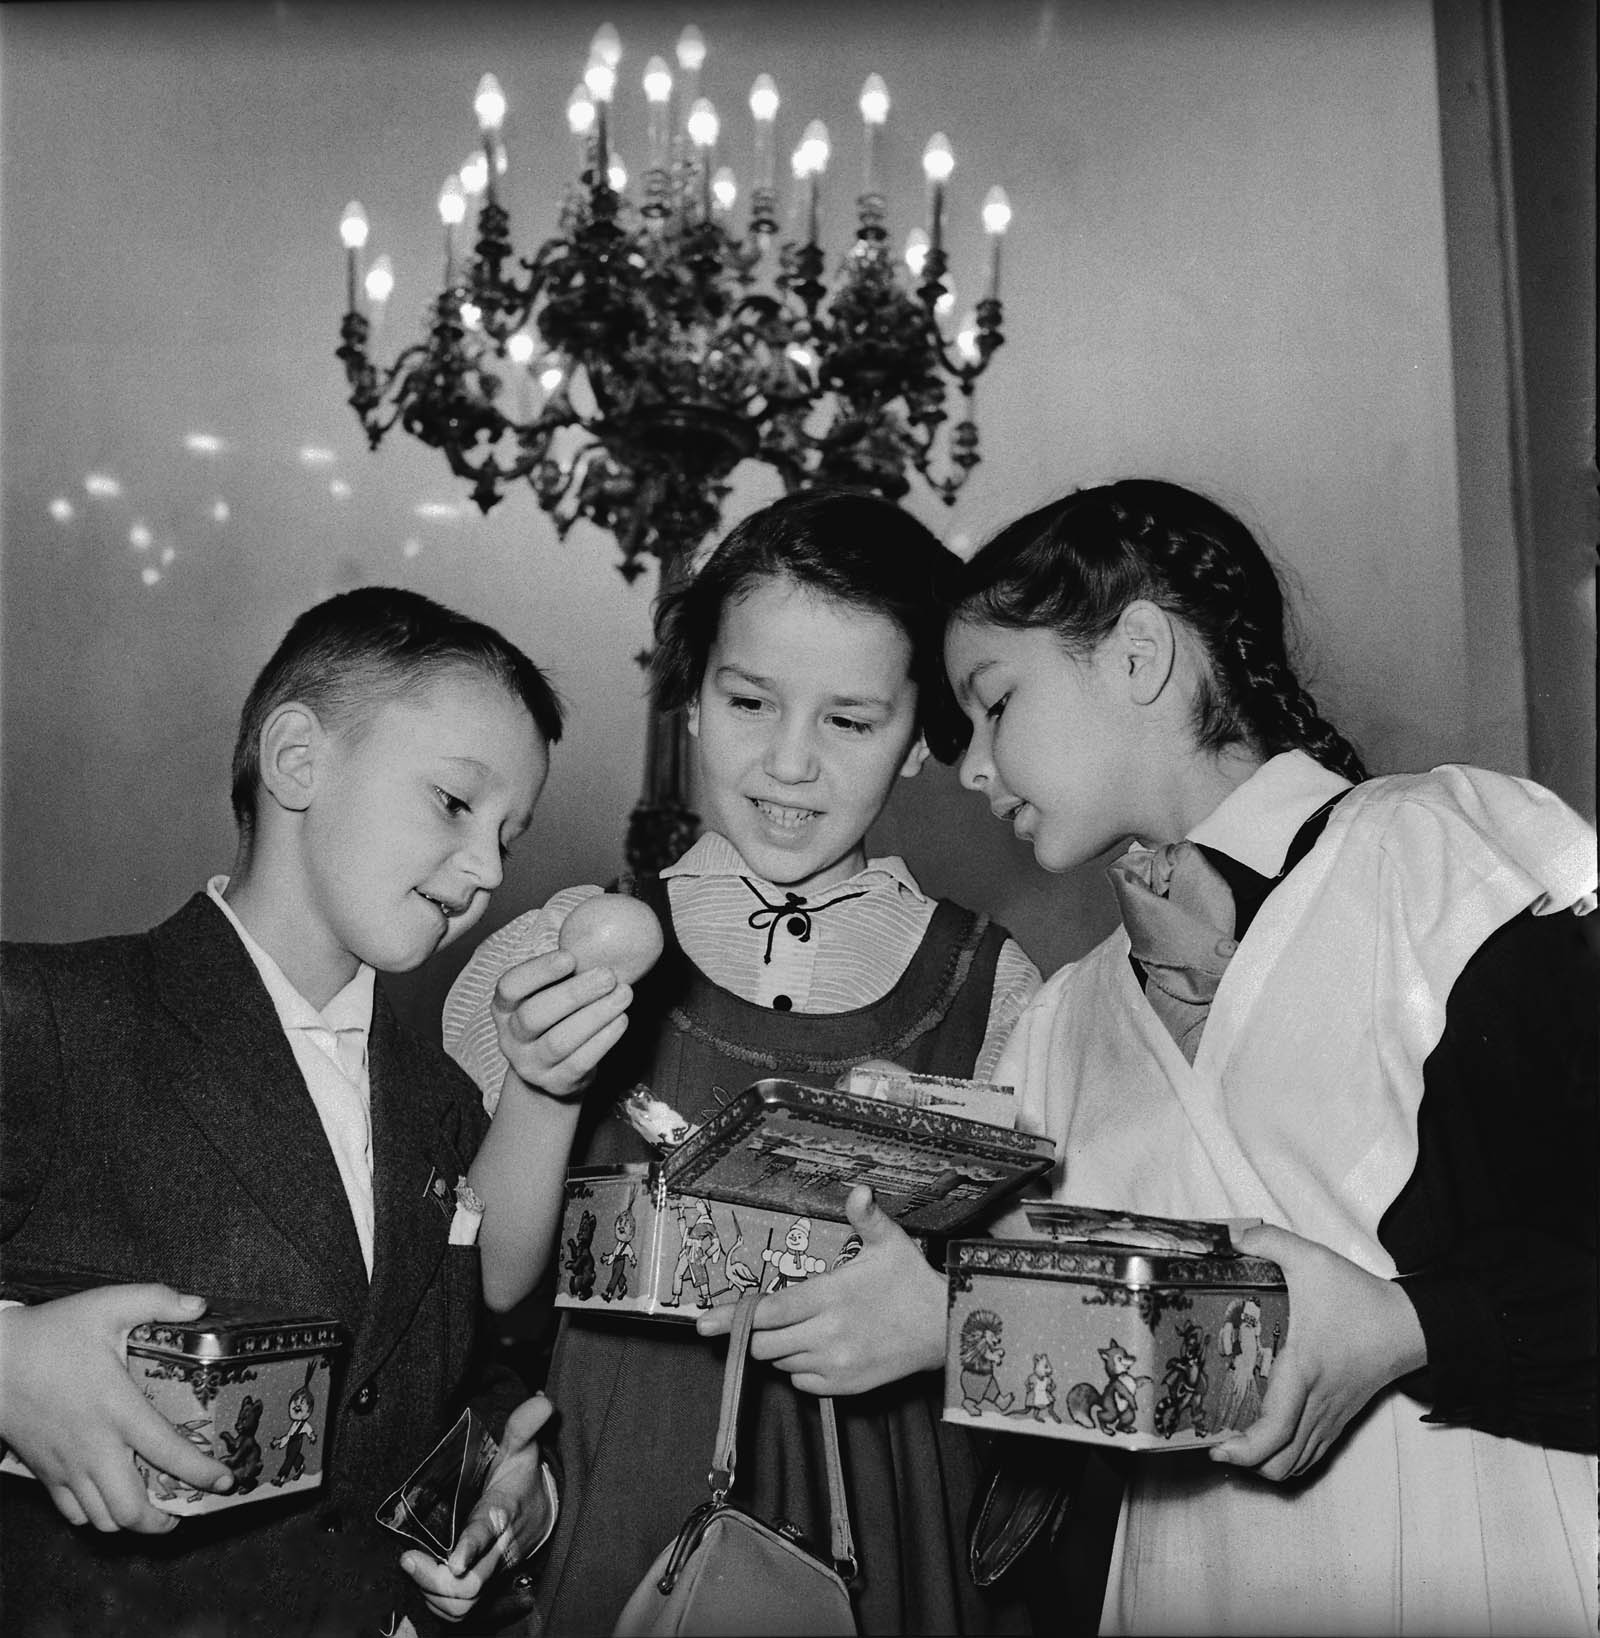 1958. Школьники рассматривают подарки, полученные на ёлке в Кремле. Автор Д. Шоломович.